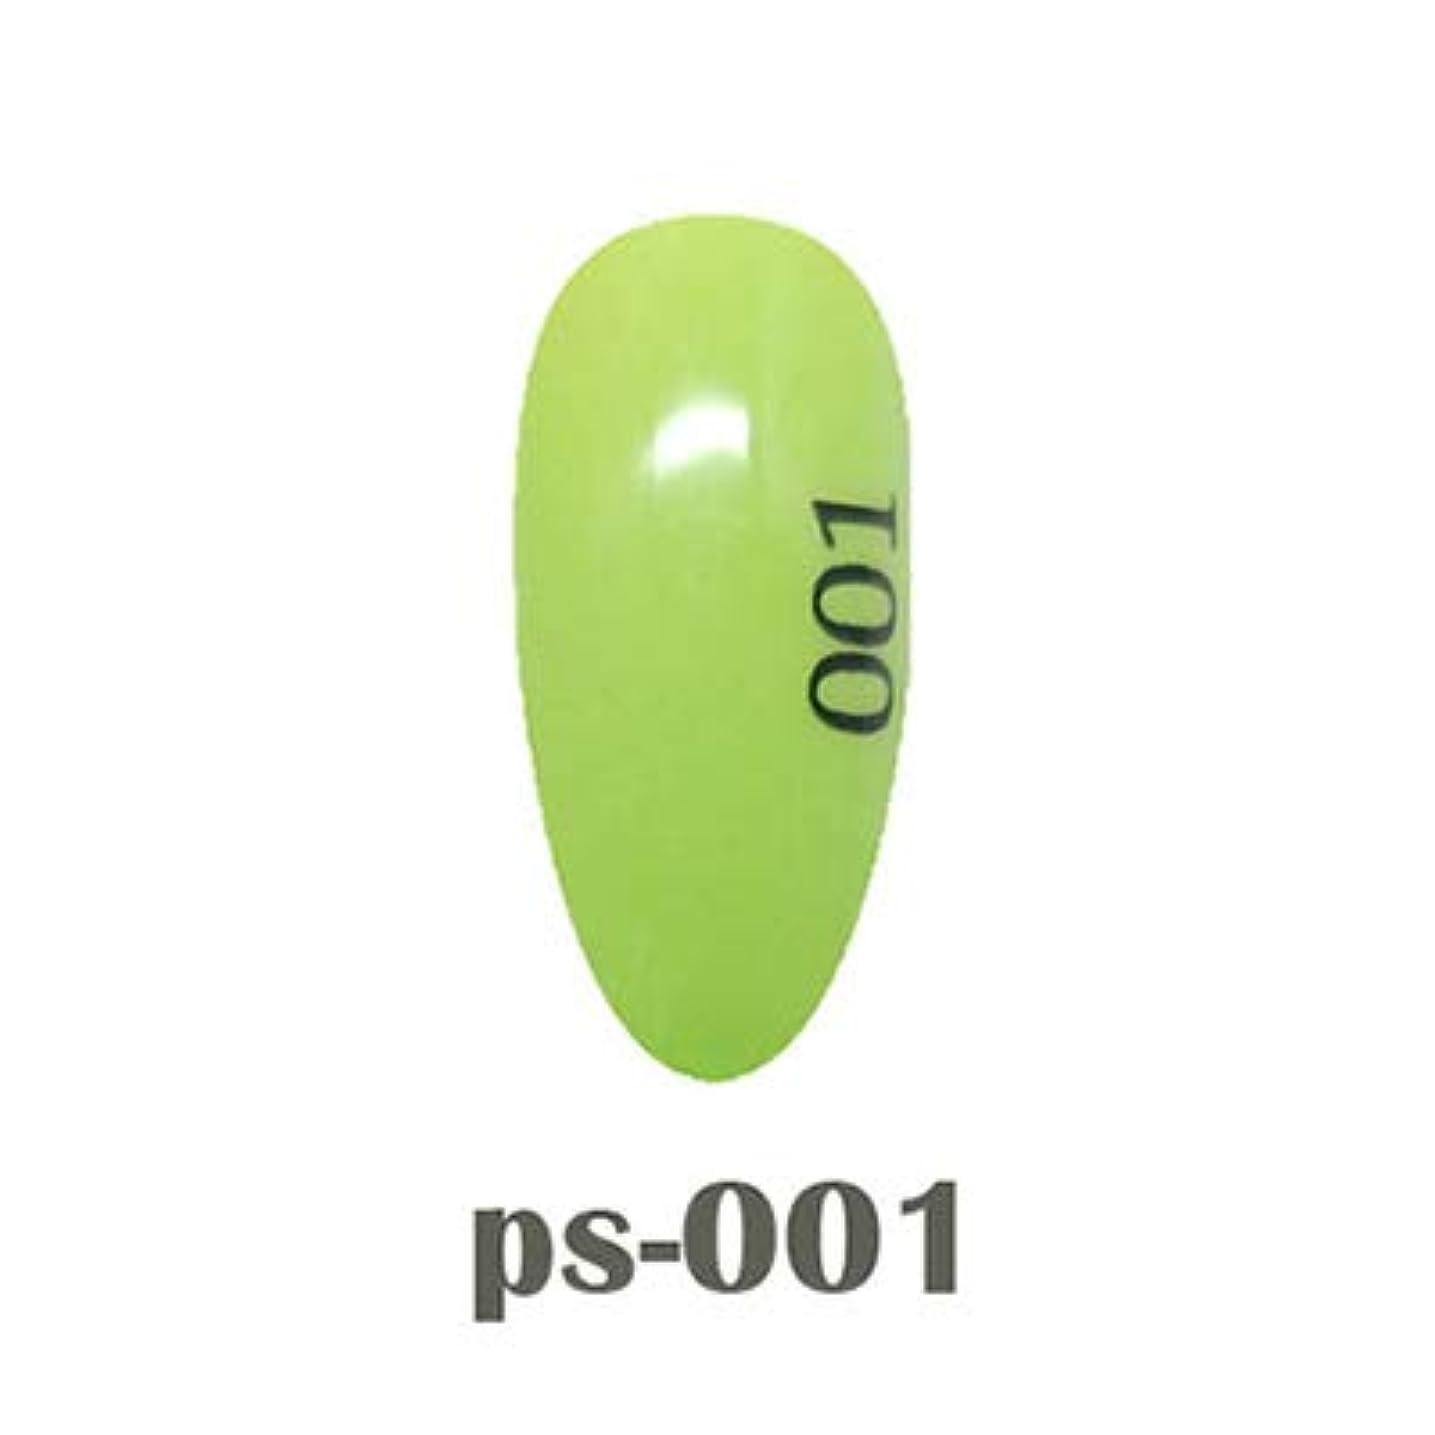 おそらく不振黒くするアイスジェル カラージェル ポイントパステルシリーズ PP-001 3g